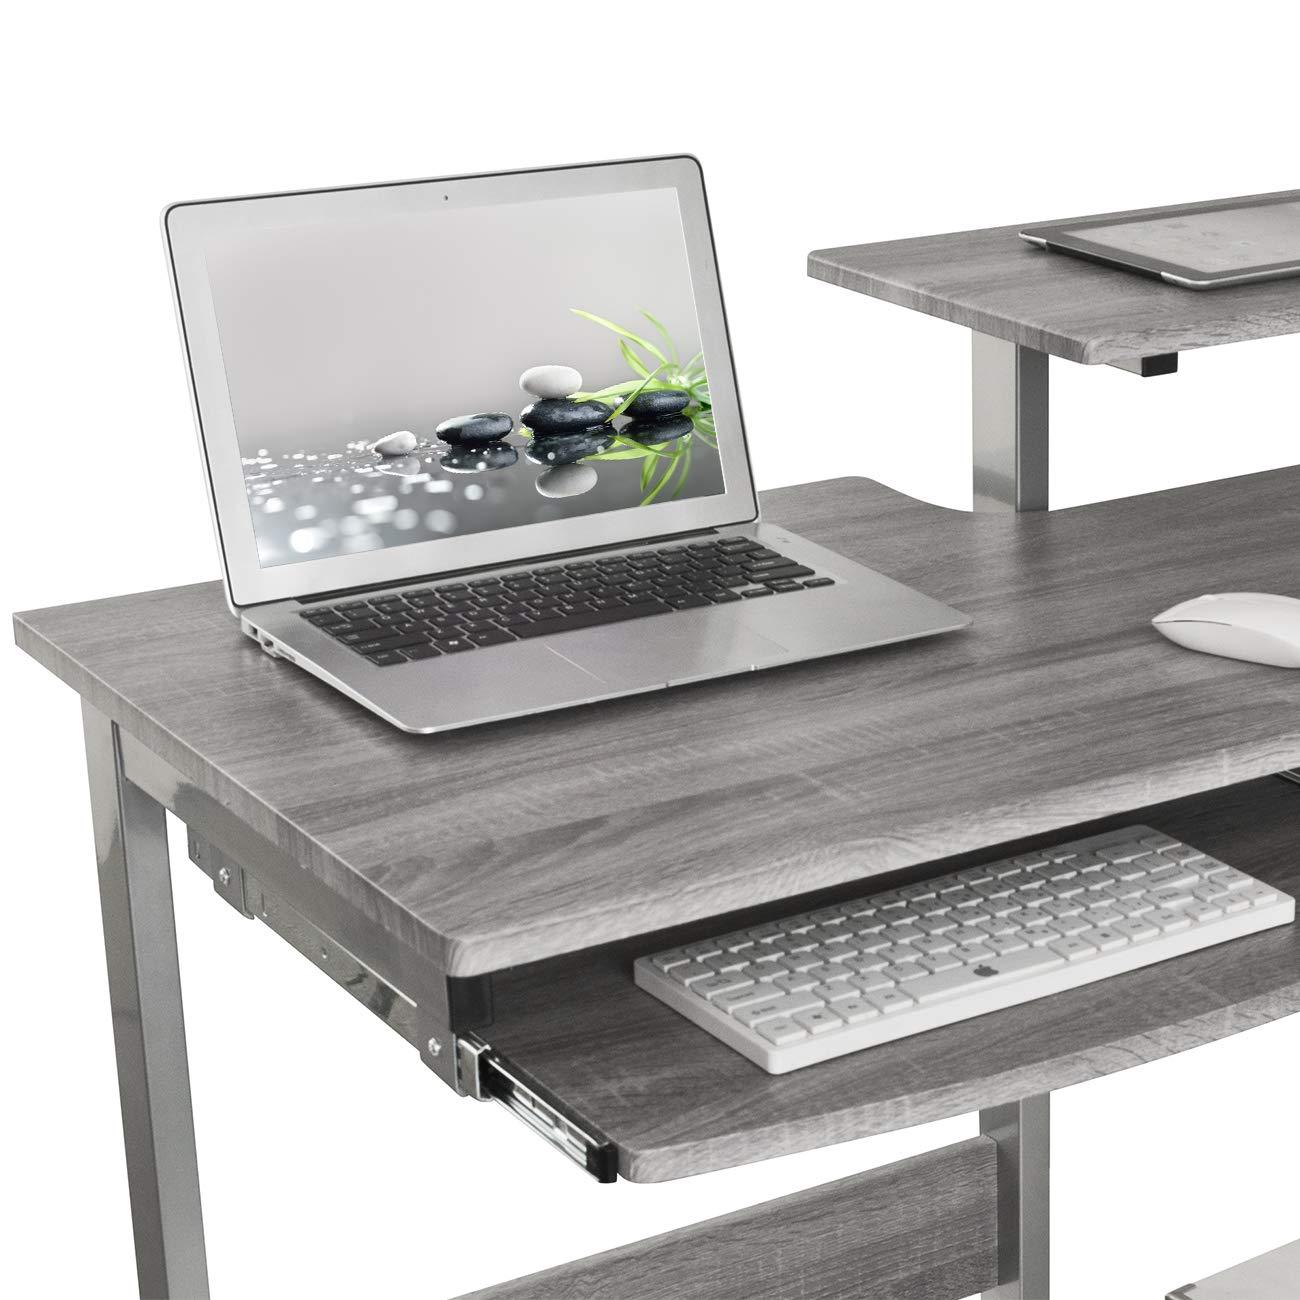 Techni Mobili RTA-2706A-GRY Complete Computer Workstation Desk, Gray by Techni Mobili